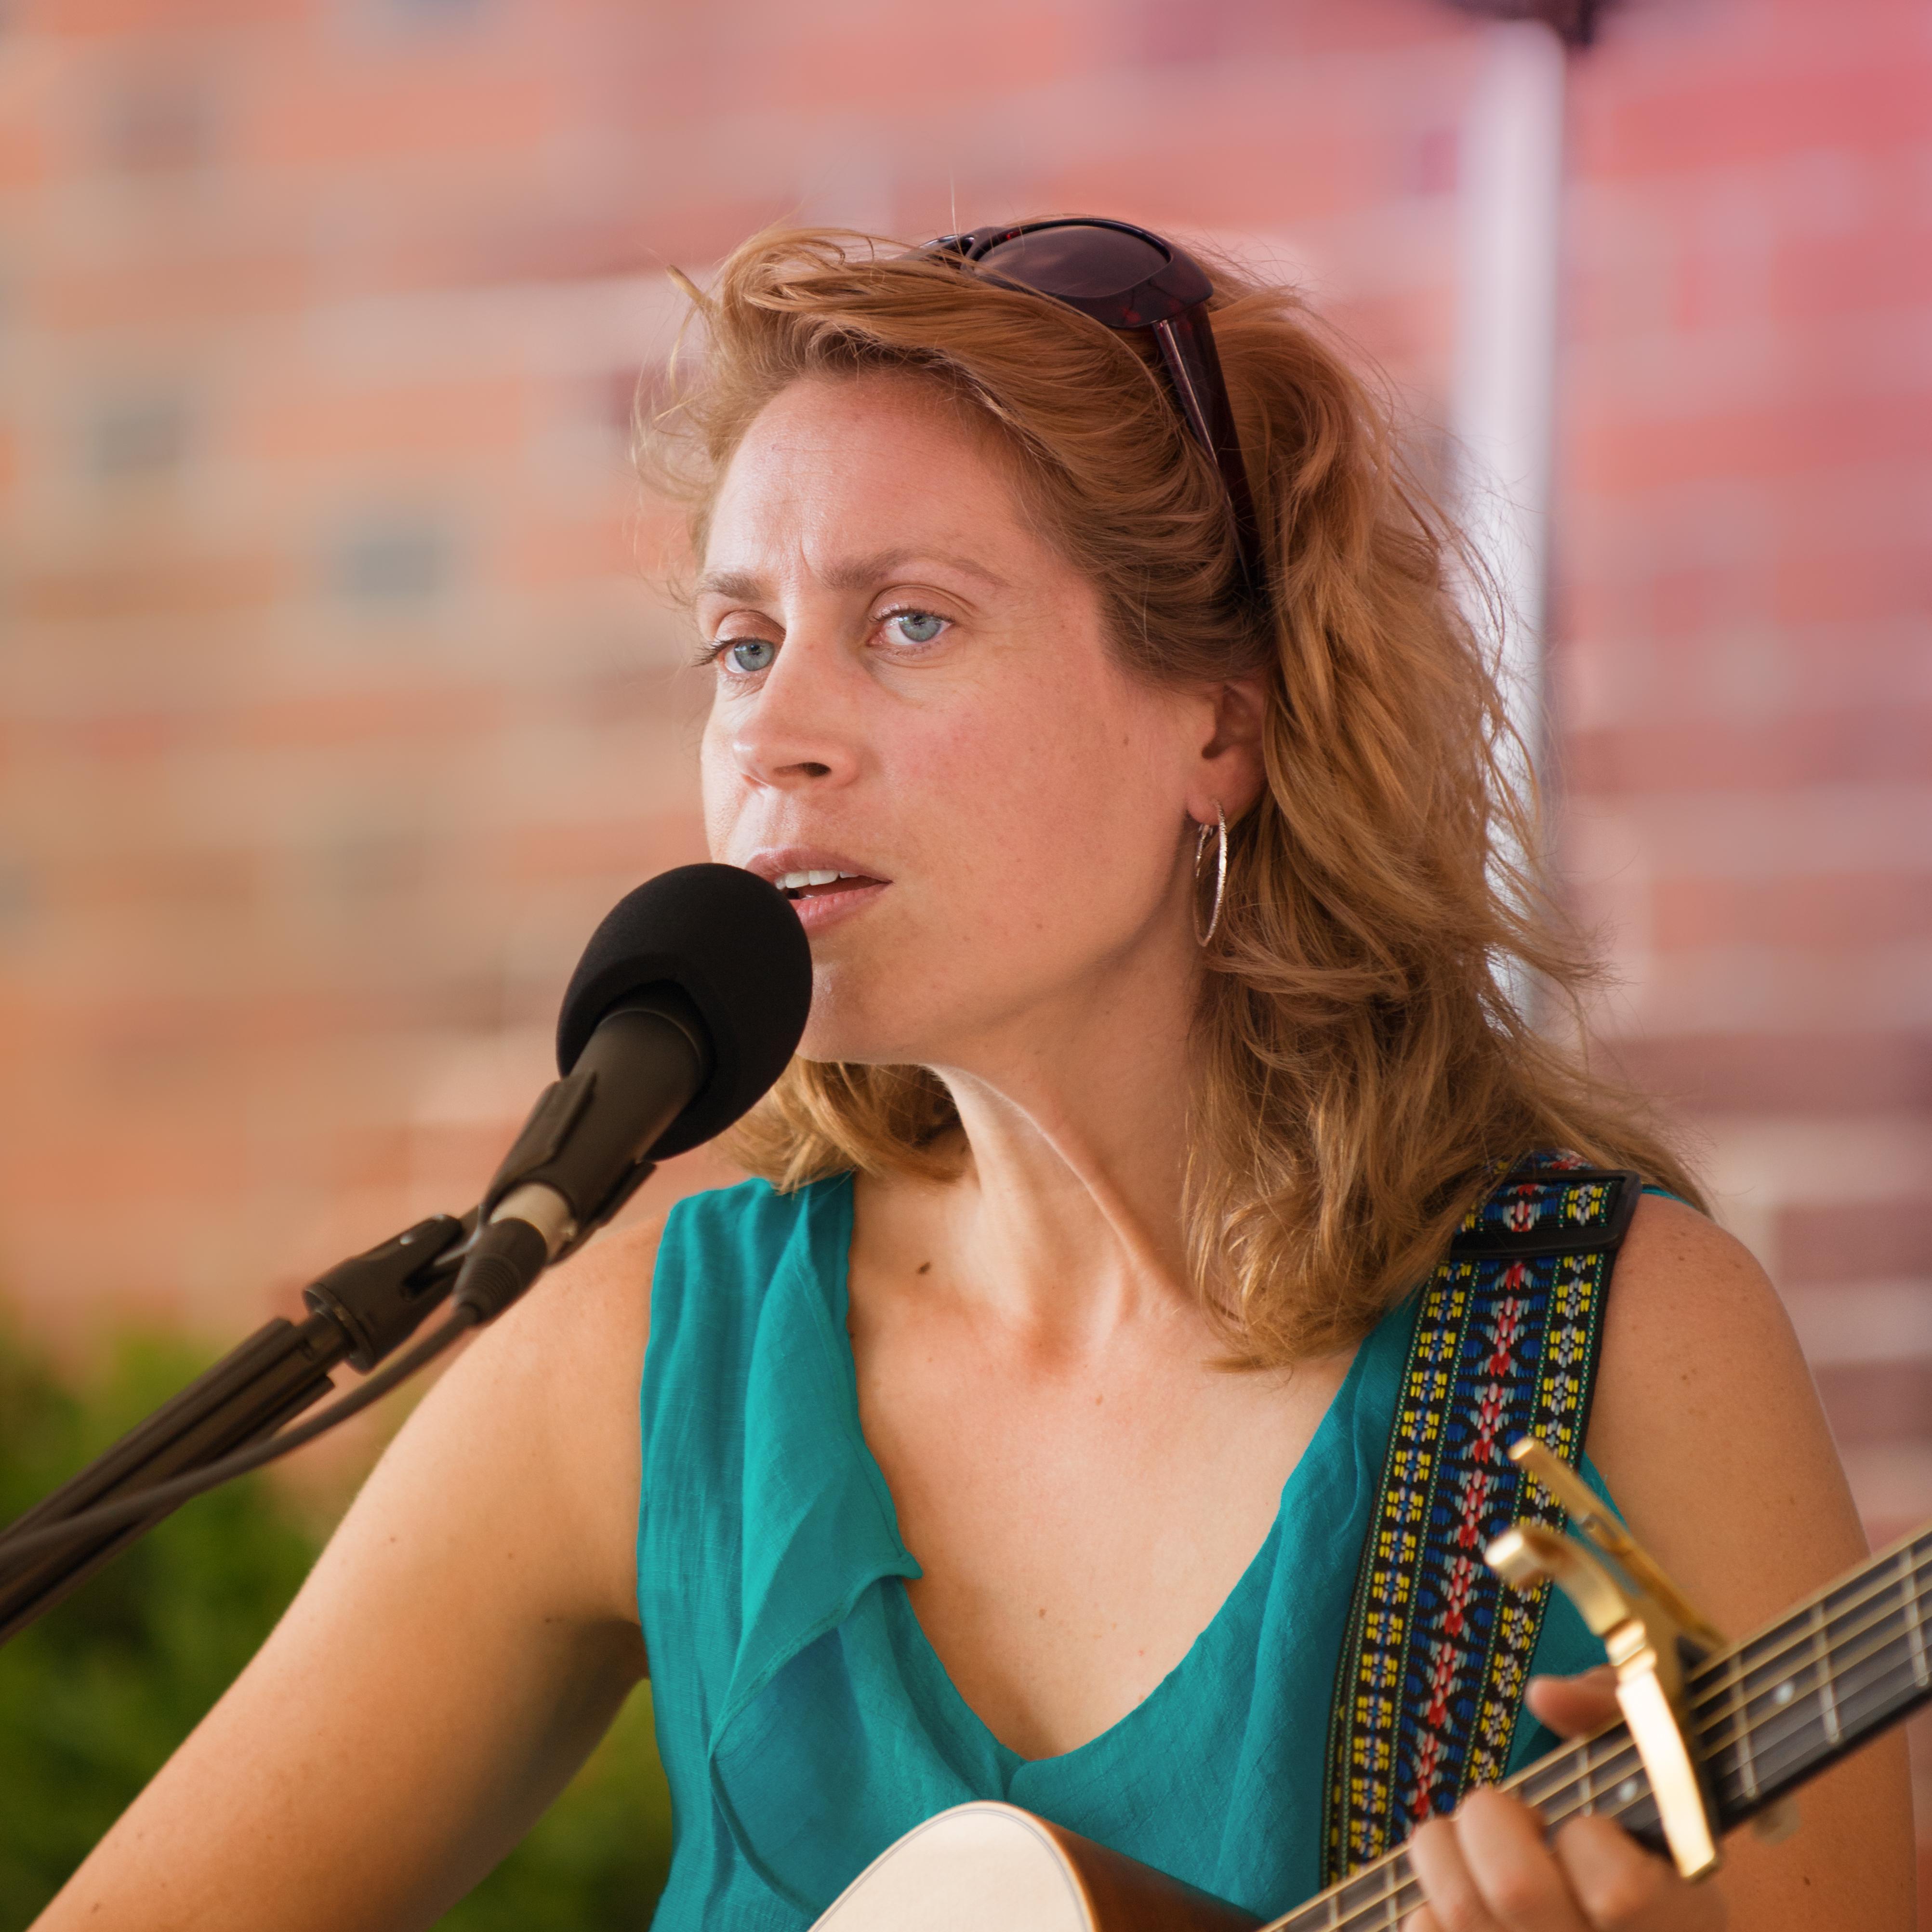 Nicole Belanus